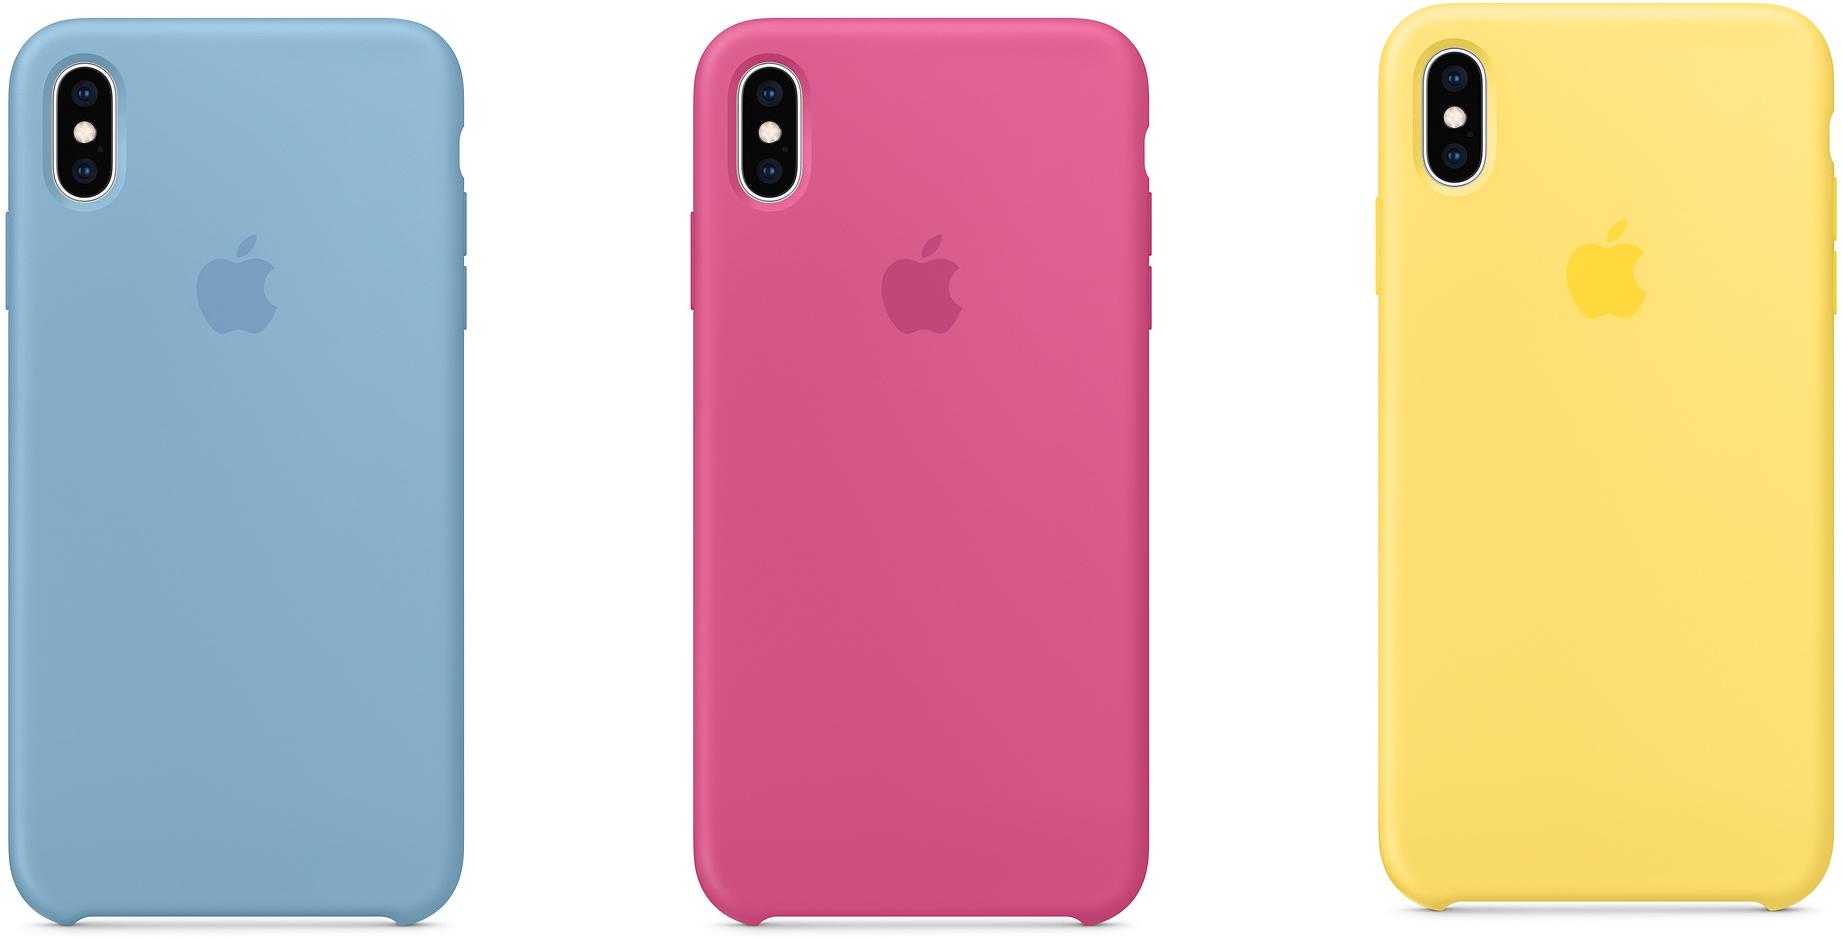 Novas cores da capa de silicone dos iPhones XS e XS Max